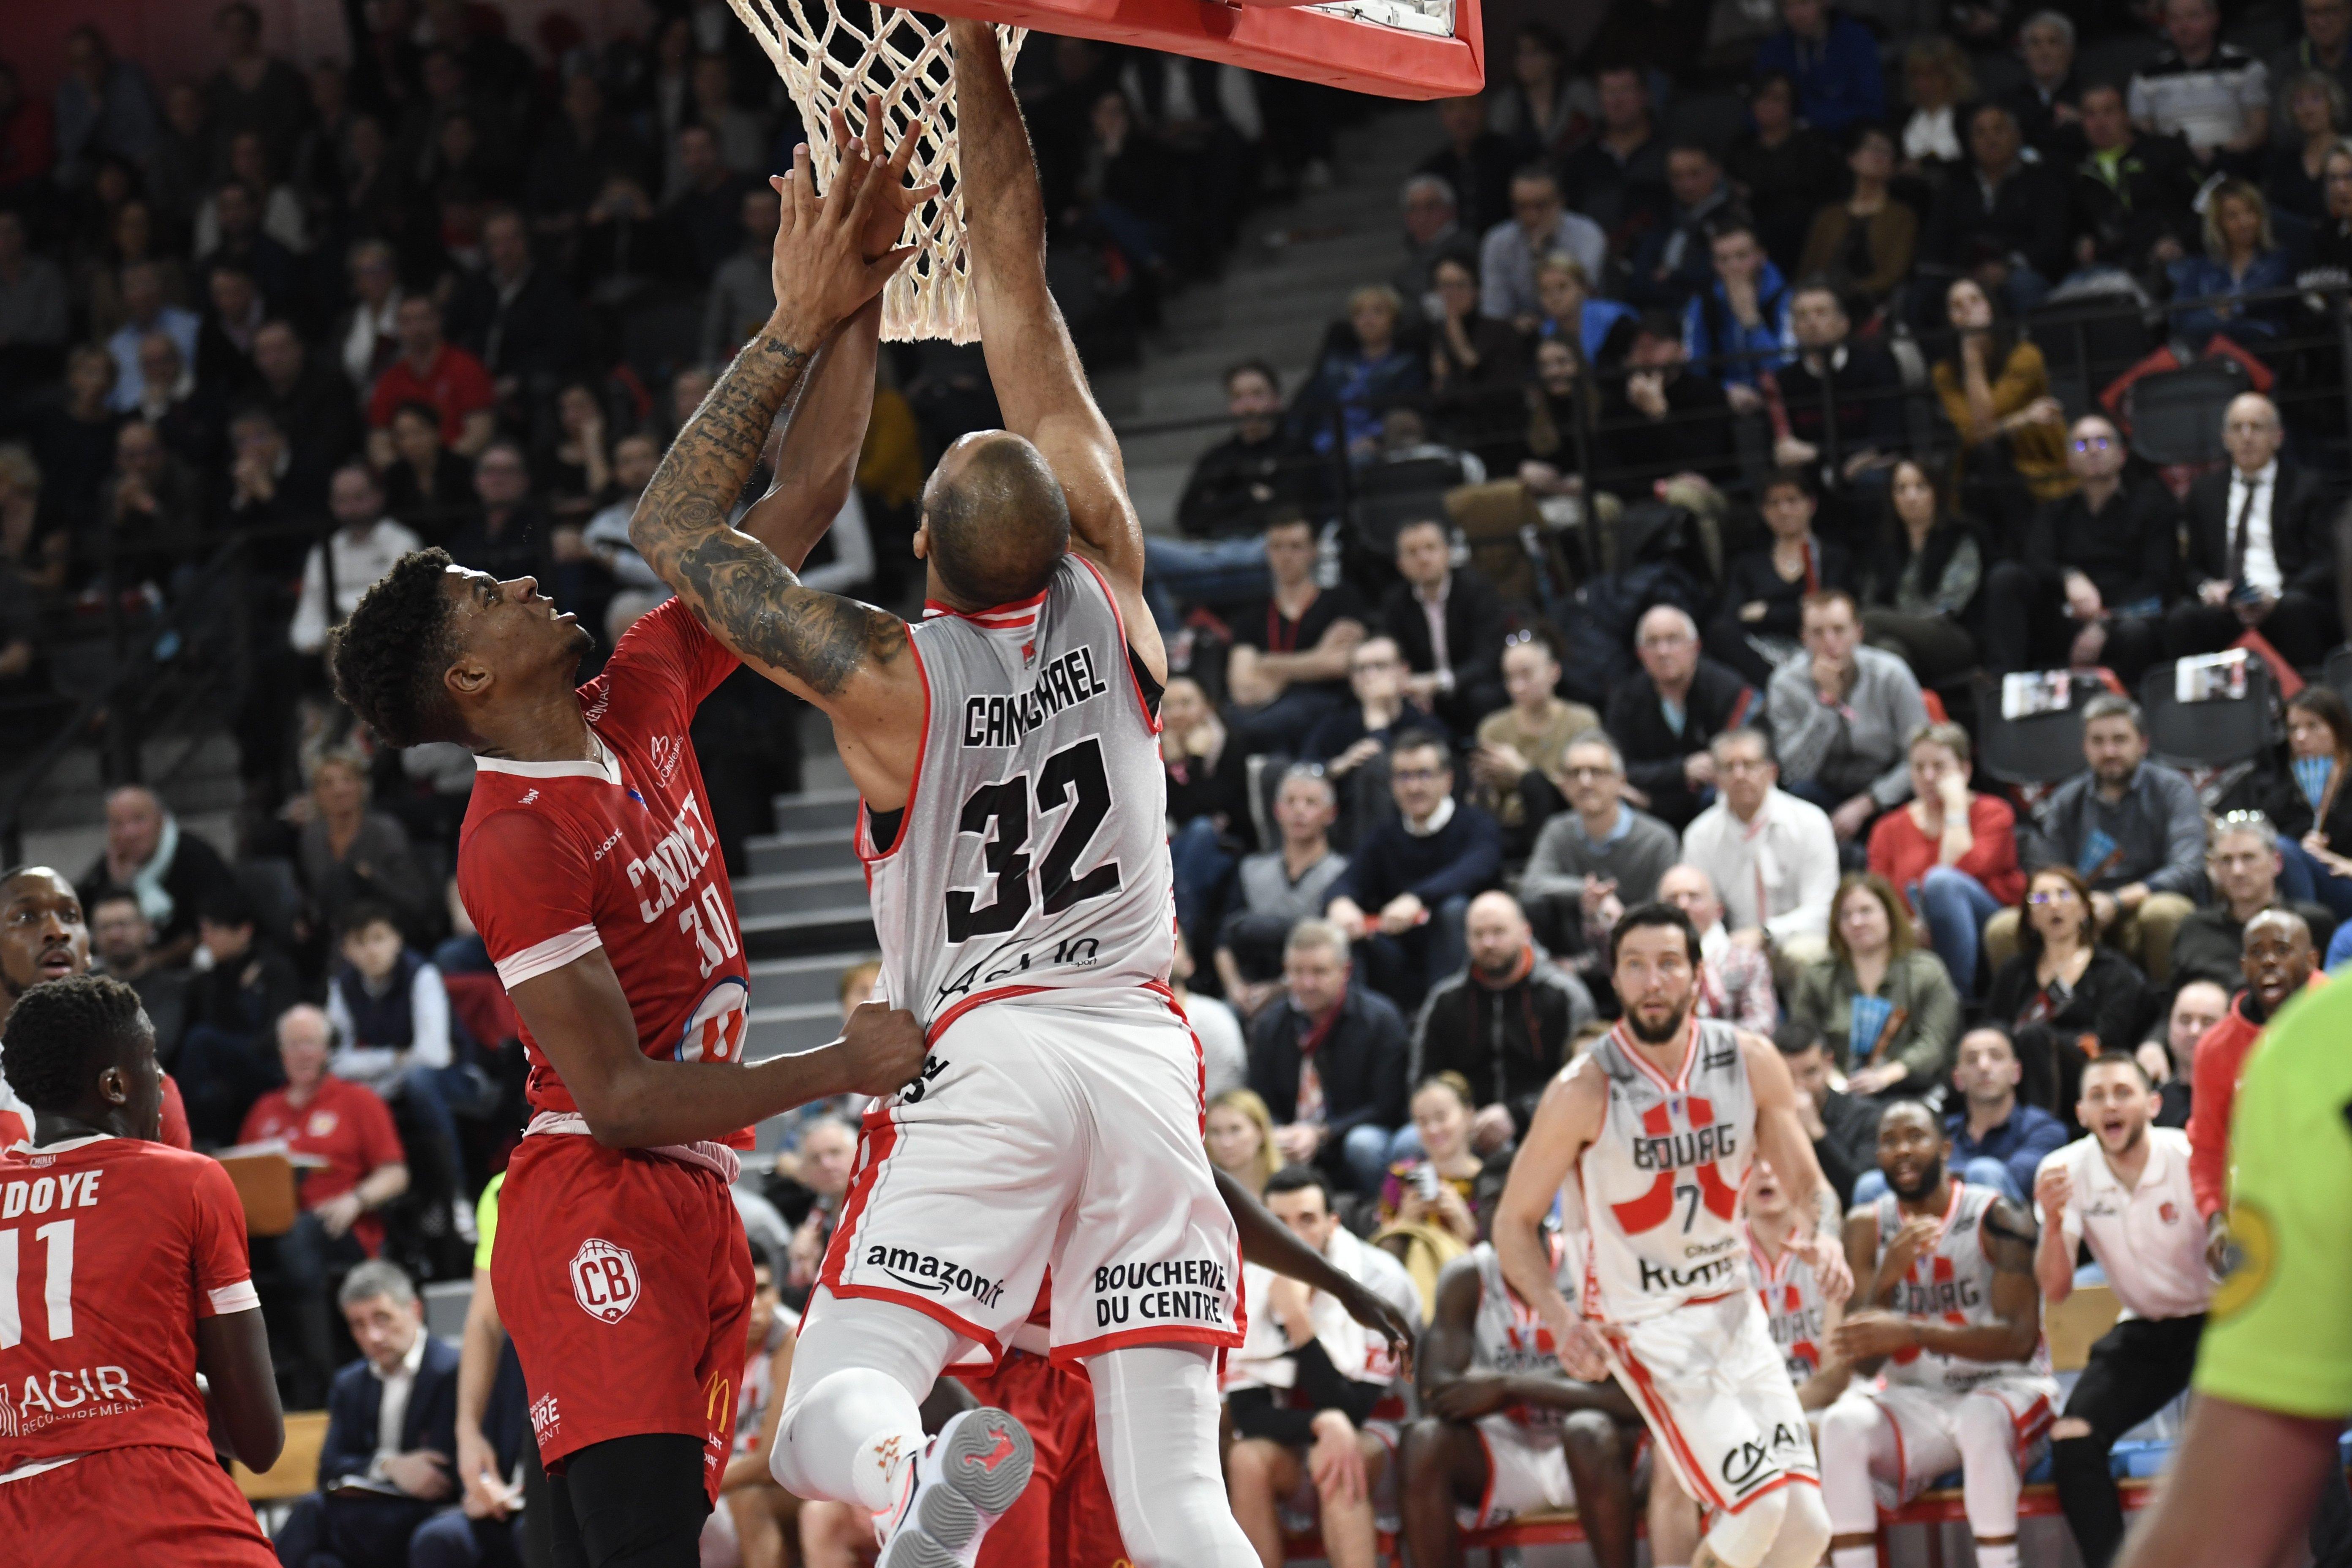 Cholet vs Bourg-en-Bresse 11-02-20